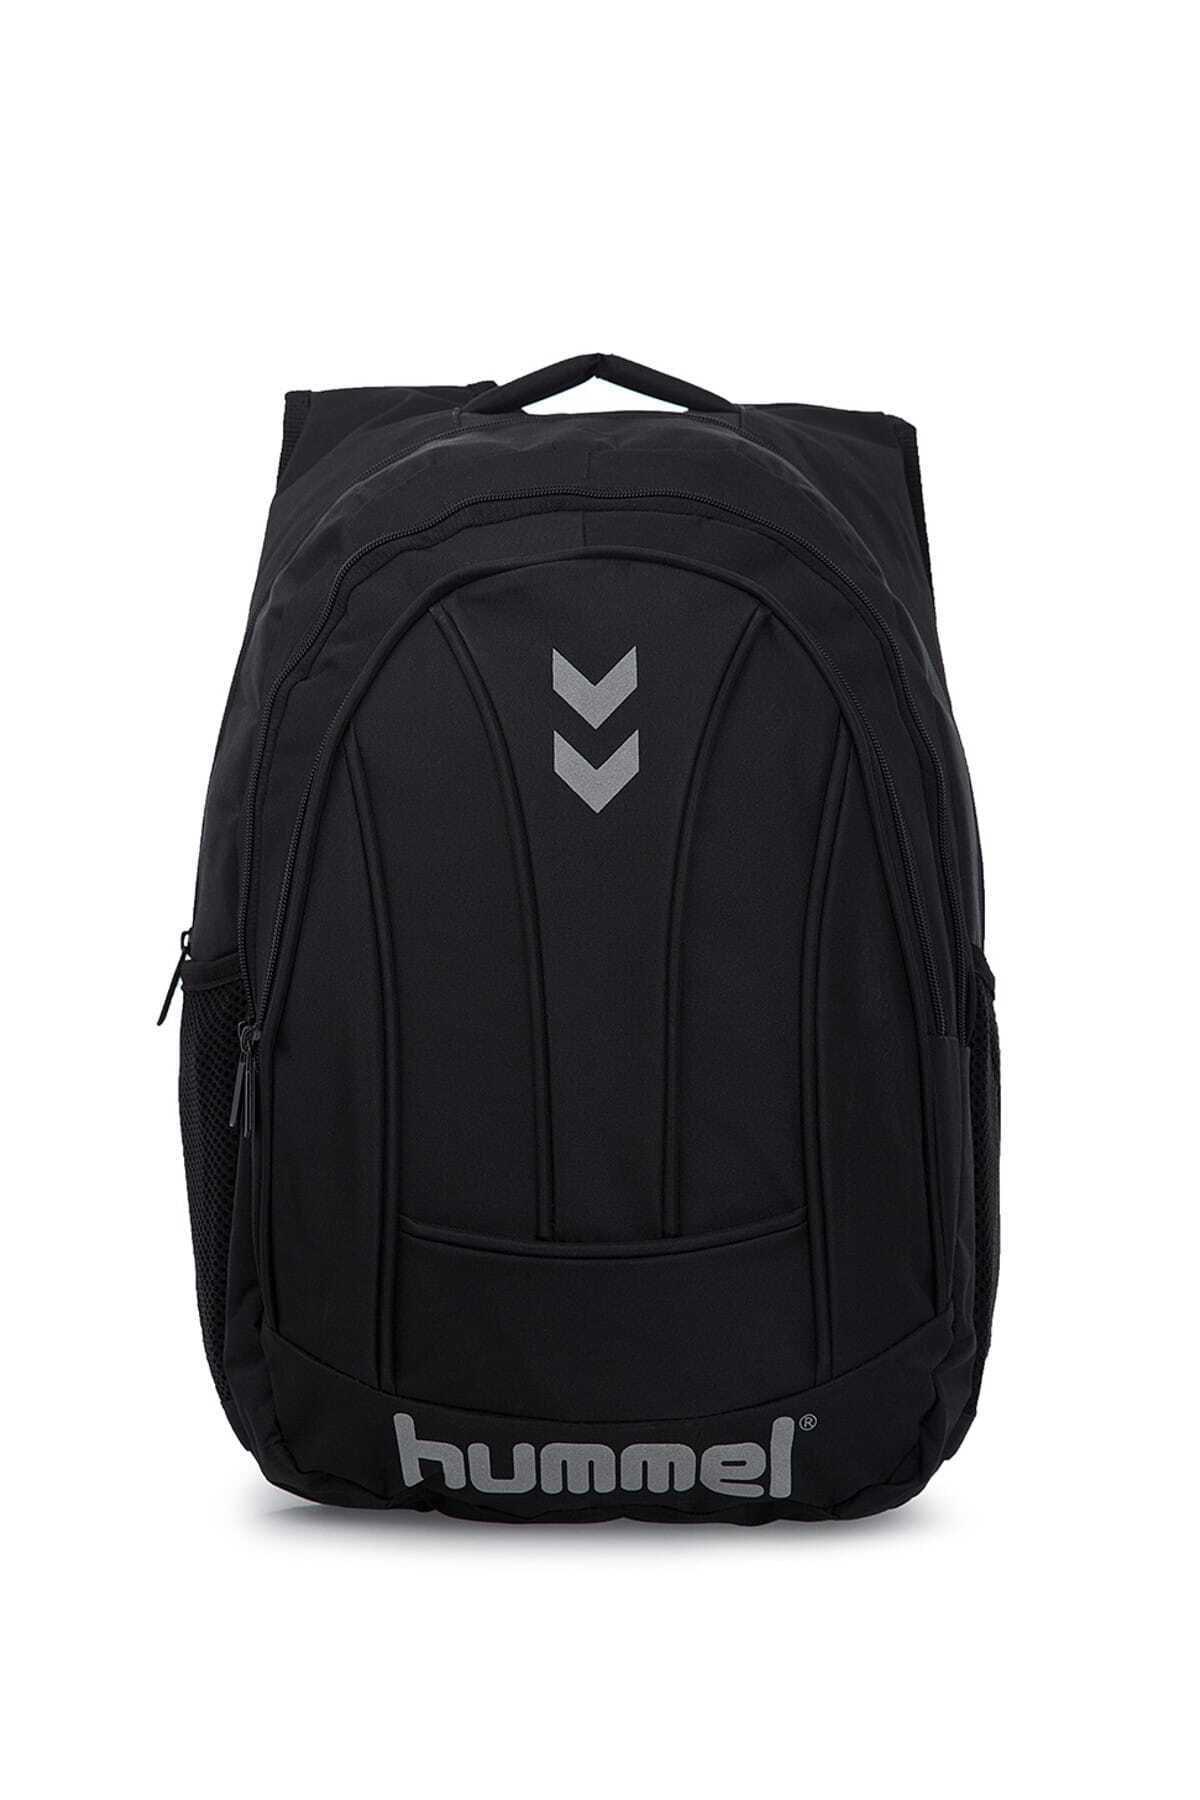 HUMMEL Unisex Sırt Çantası 980087-2001 1